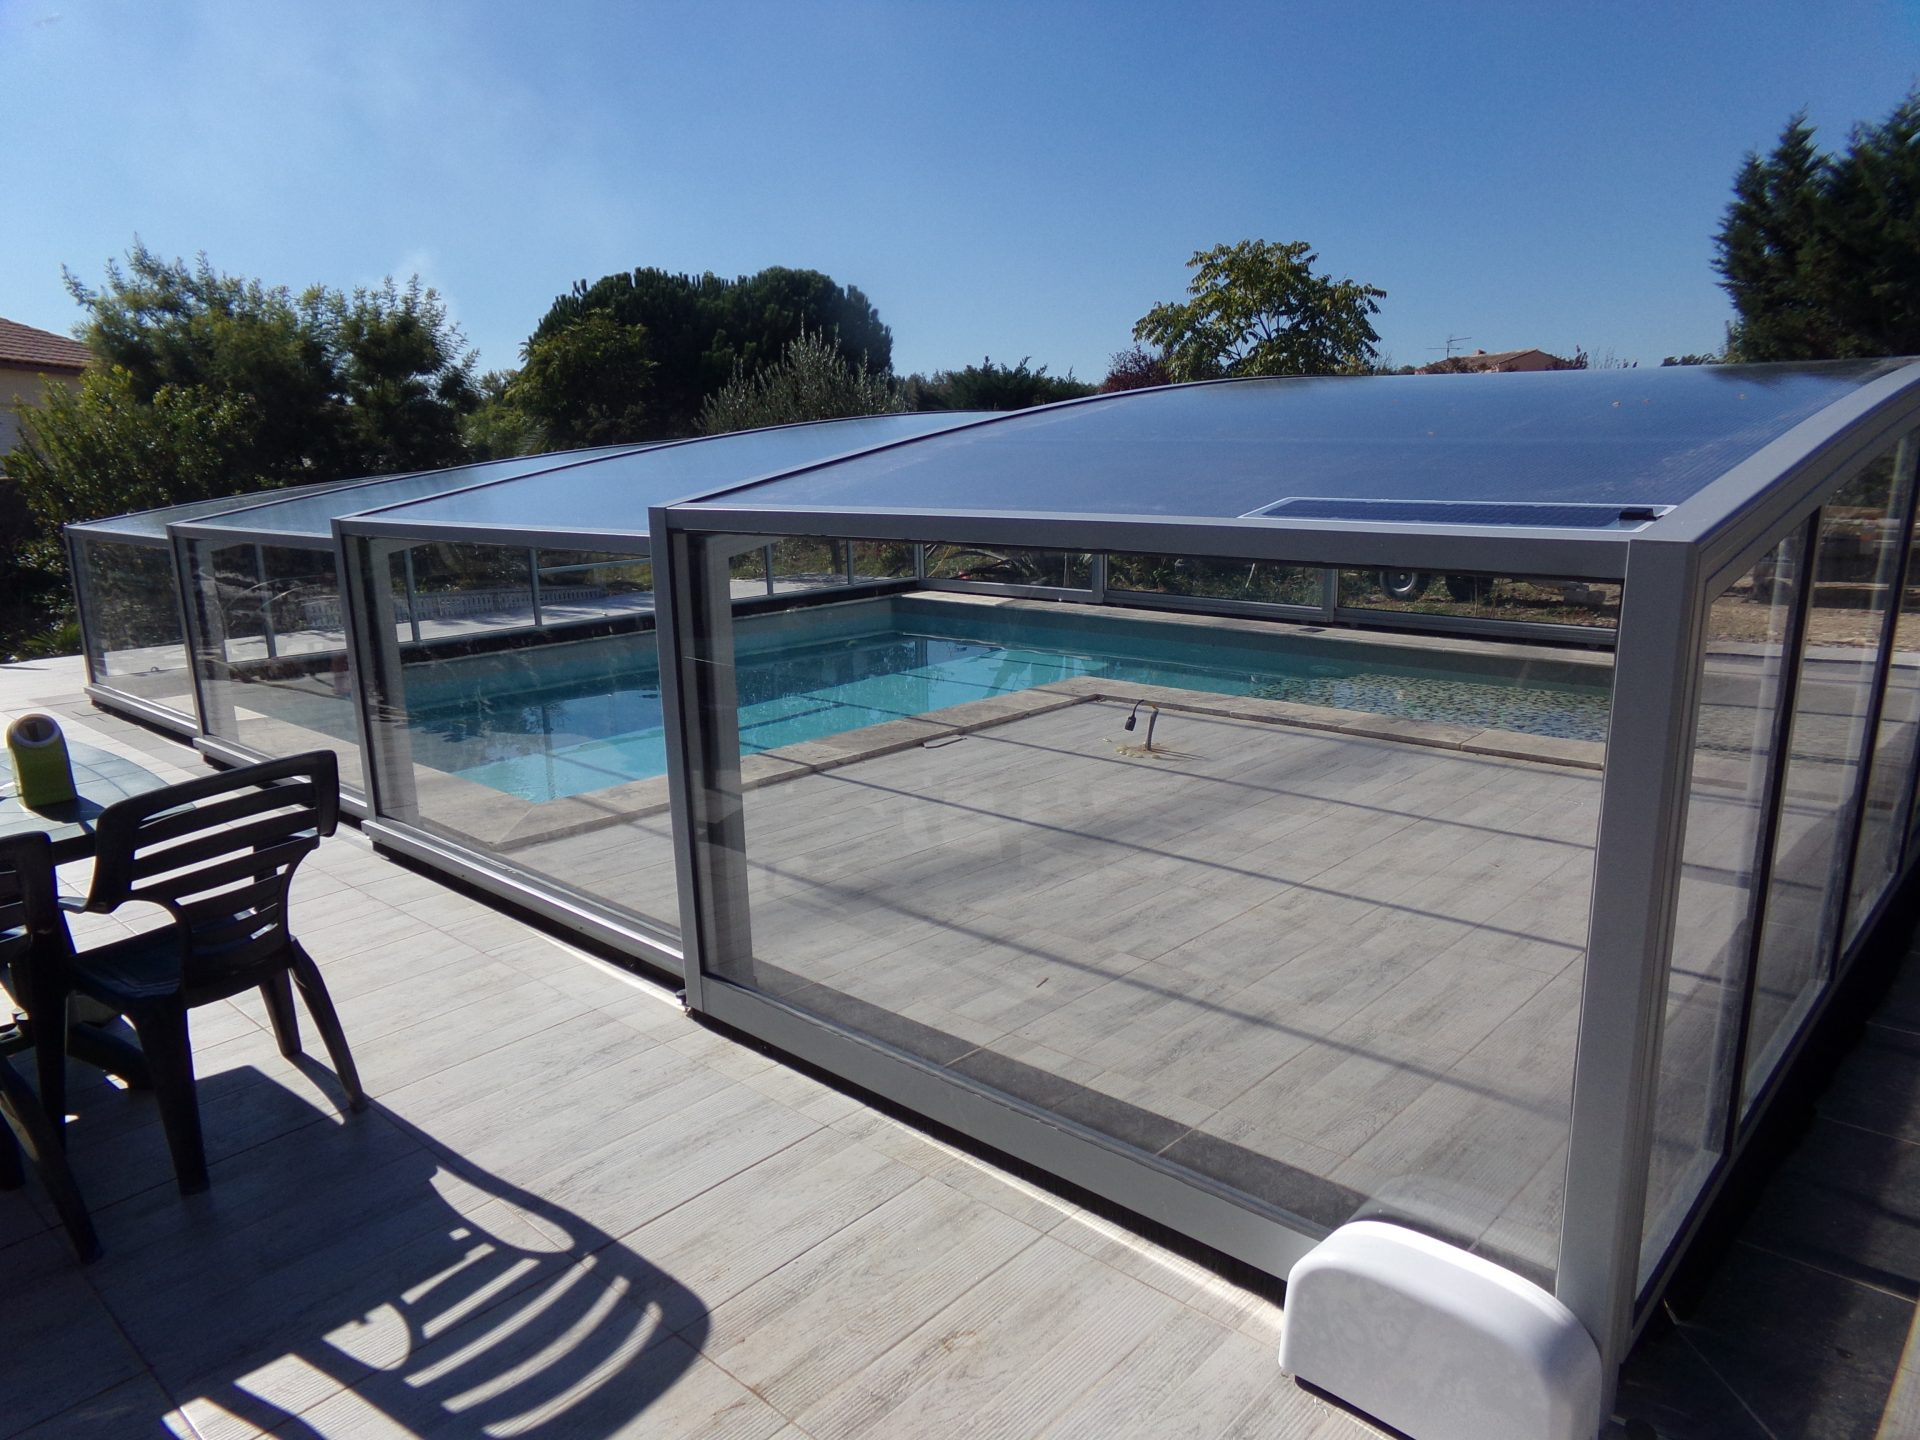 Abri de piscine haut mod le ath nes bel abri for Abri de piscine sans rail au sol